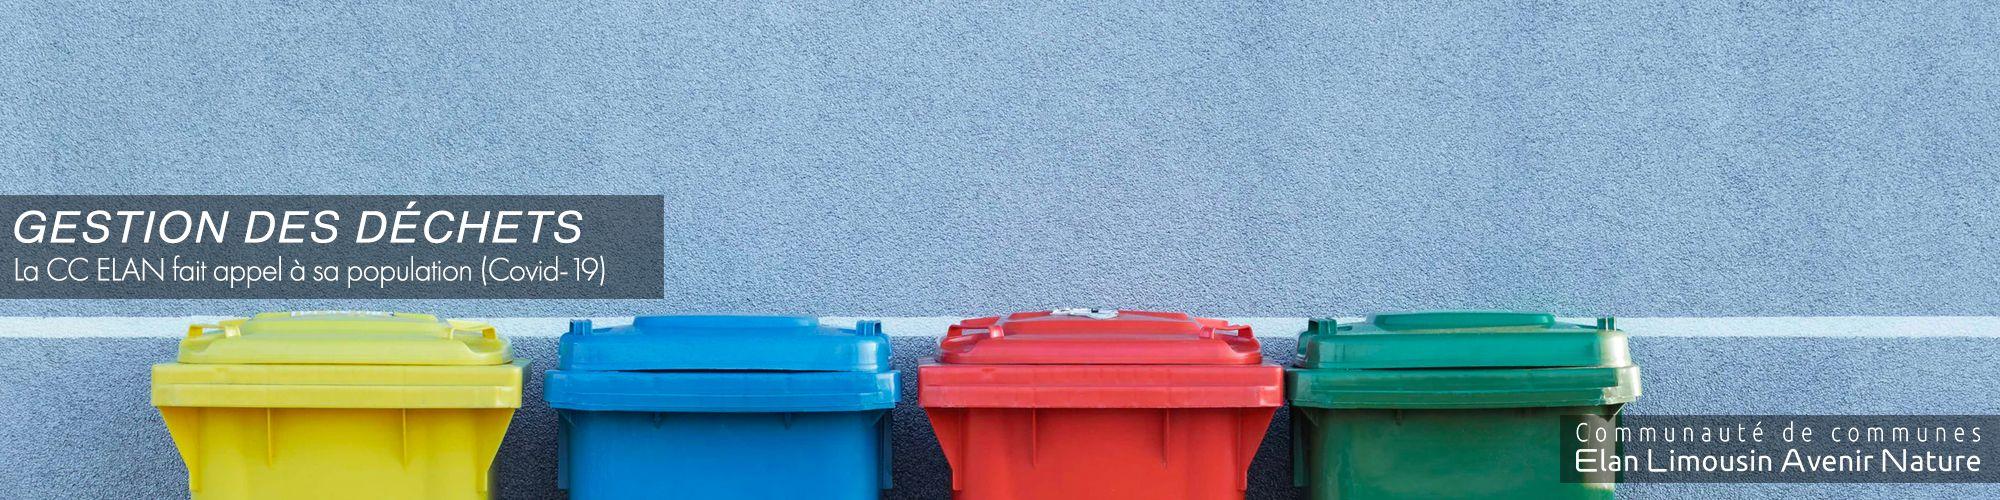 Gestion des déchets pendant le confinement (Covid-19)